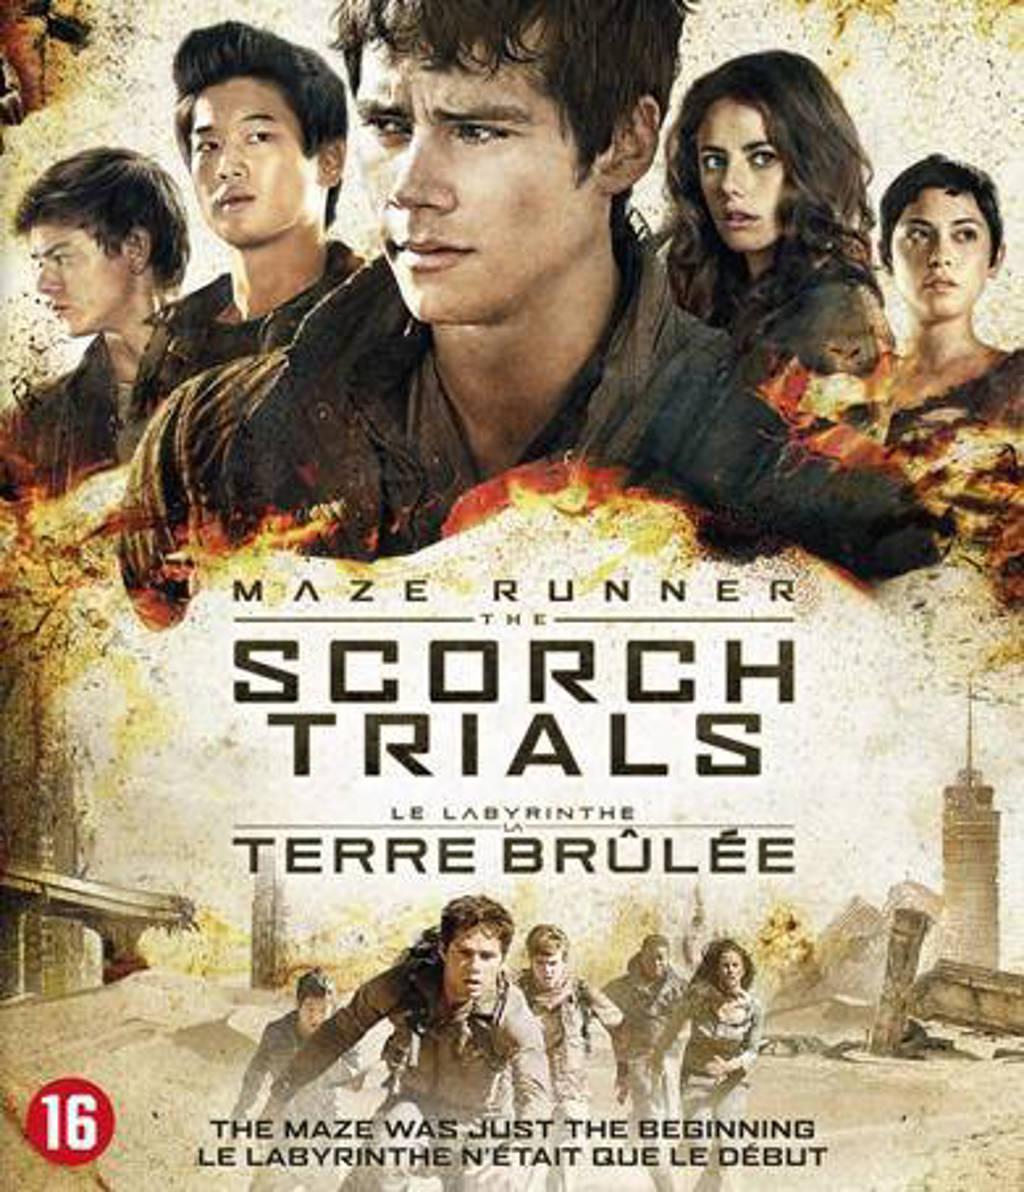 Maze runner - Scorch trials (Blu-ray)